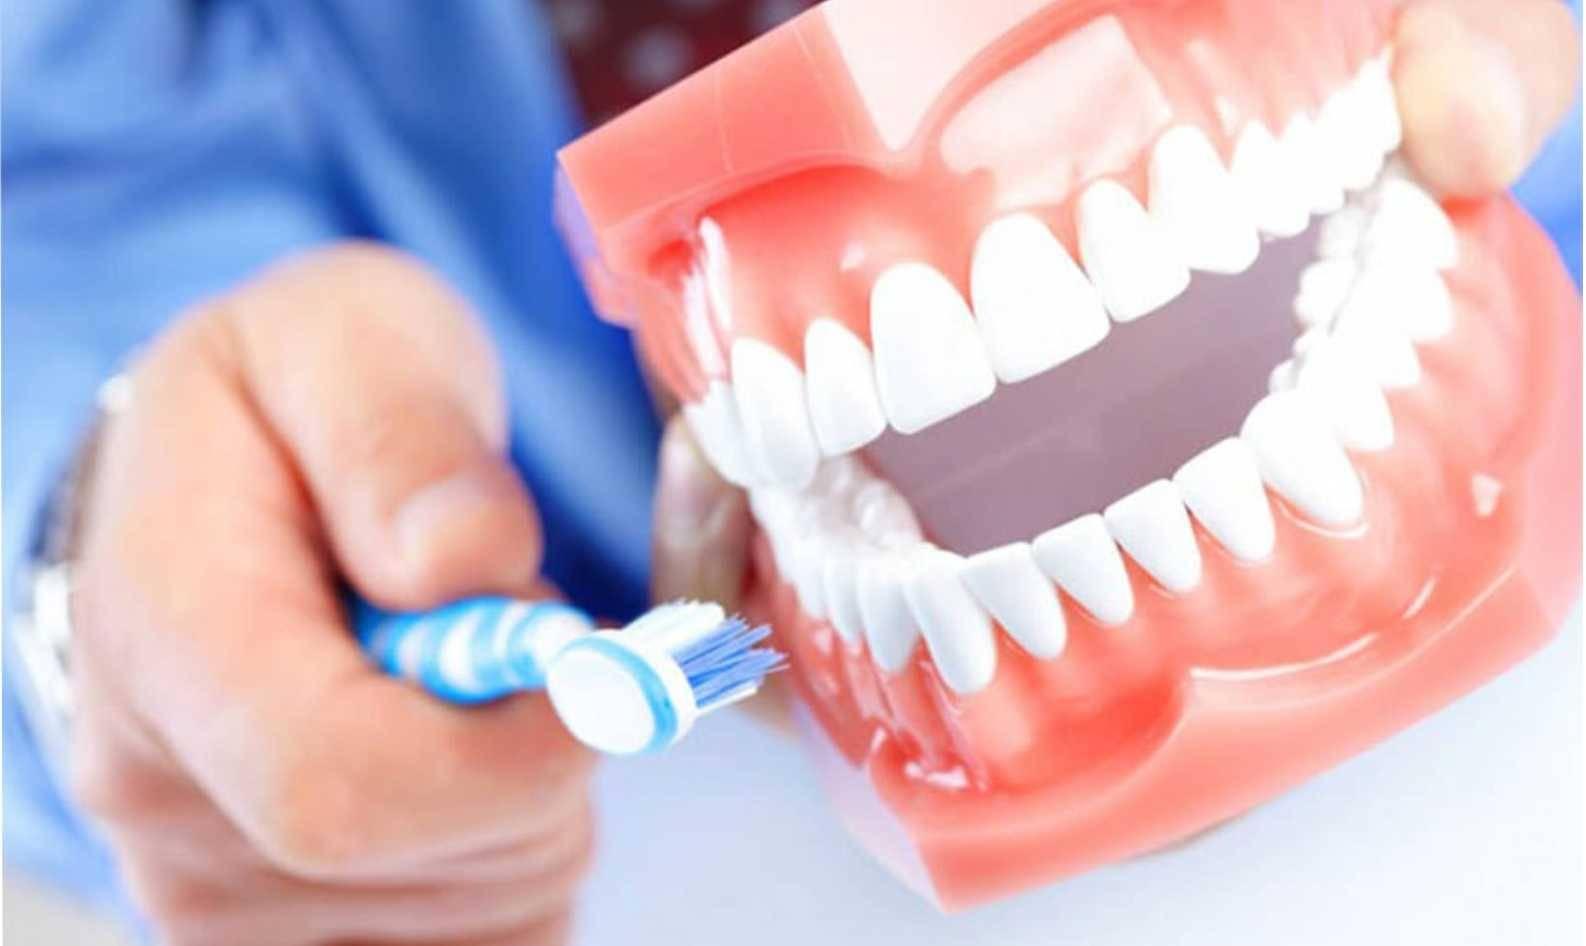 Как быстро привыкнуть к съемным зубным протезам: советы стоматолога